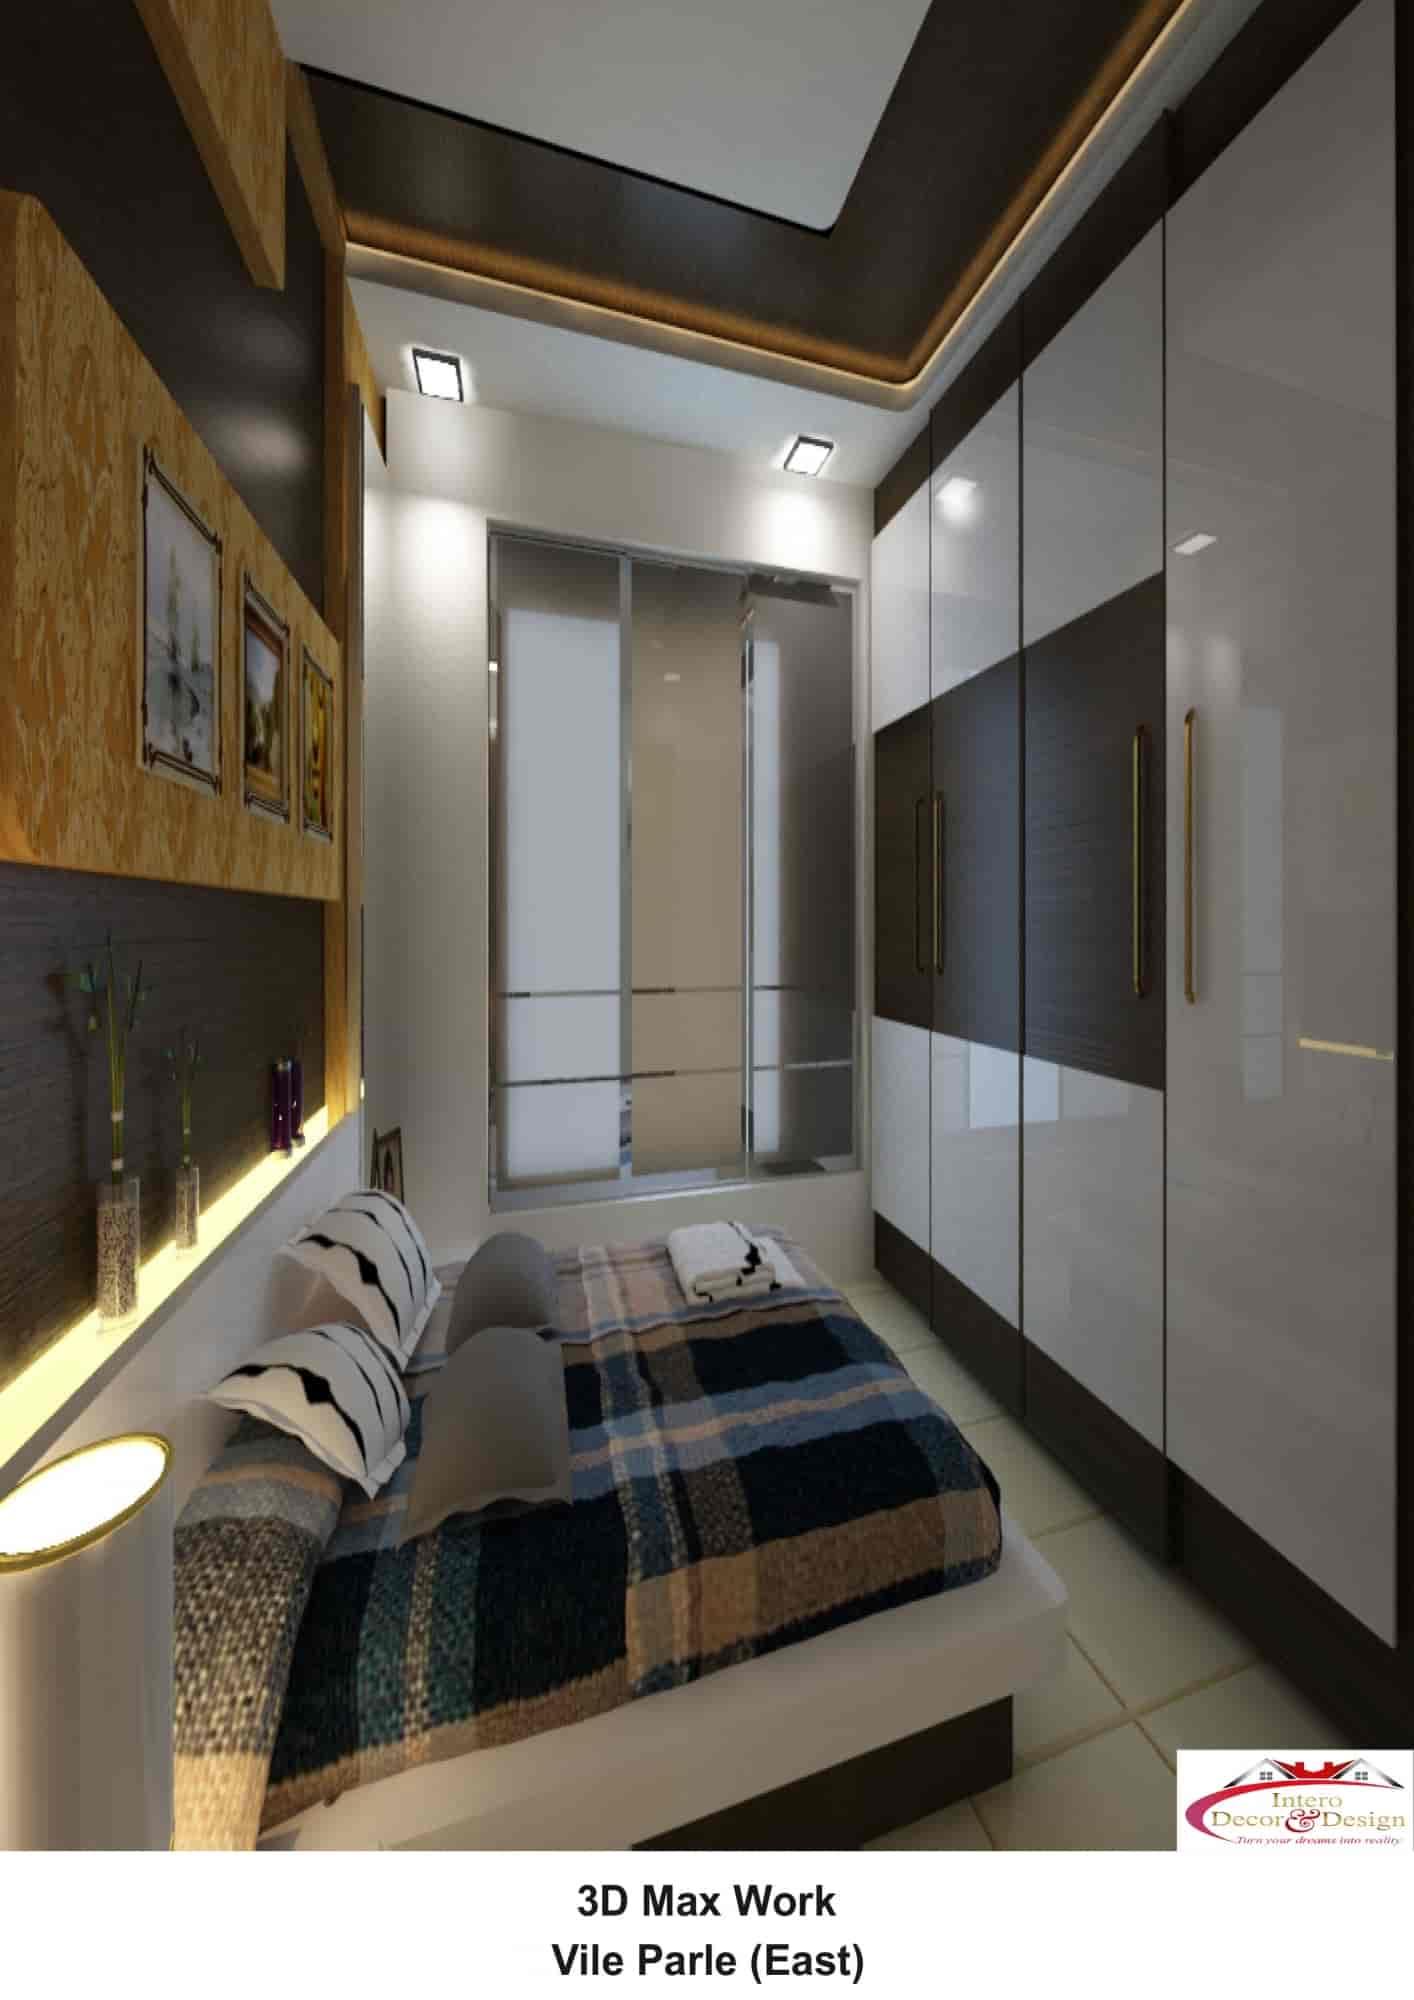 3d interior design intero decor design photos kandivali west mumbai interior